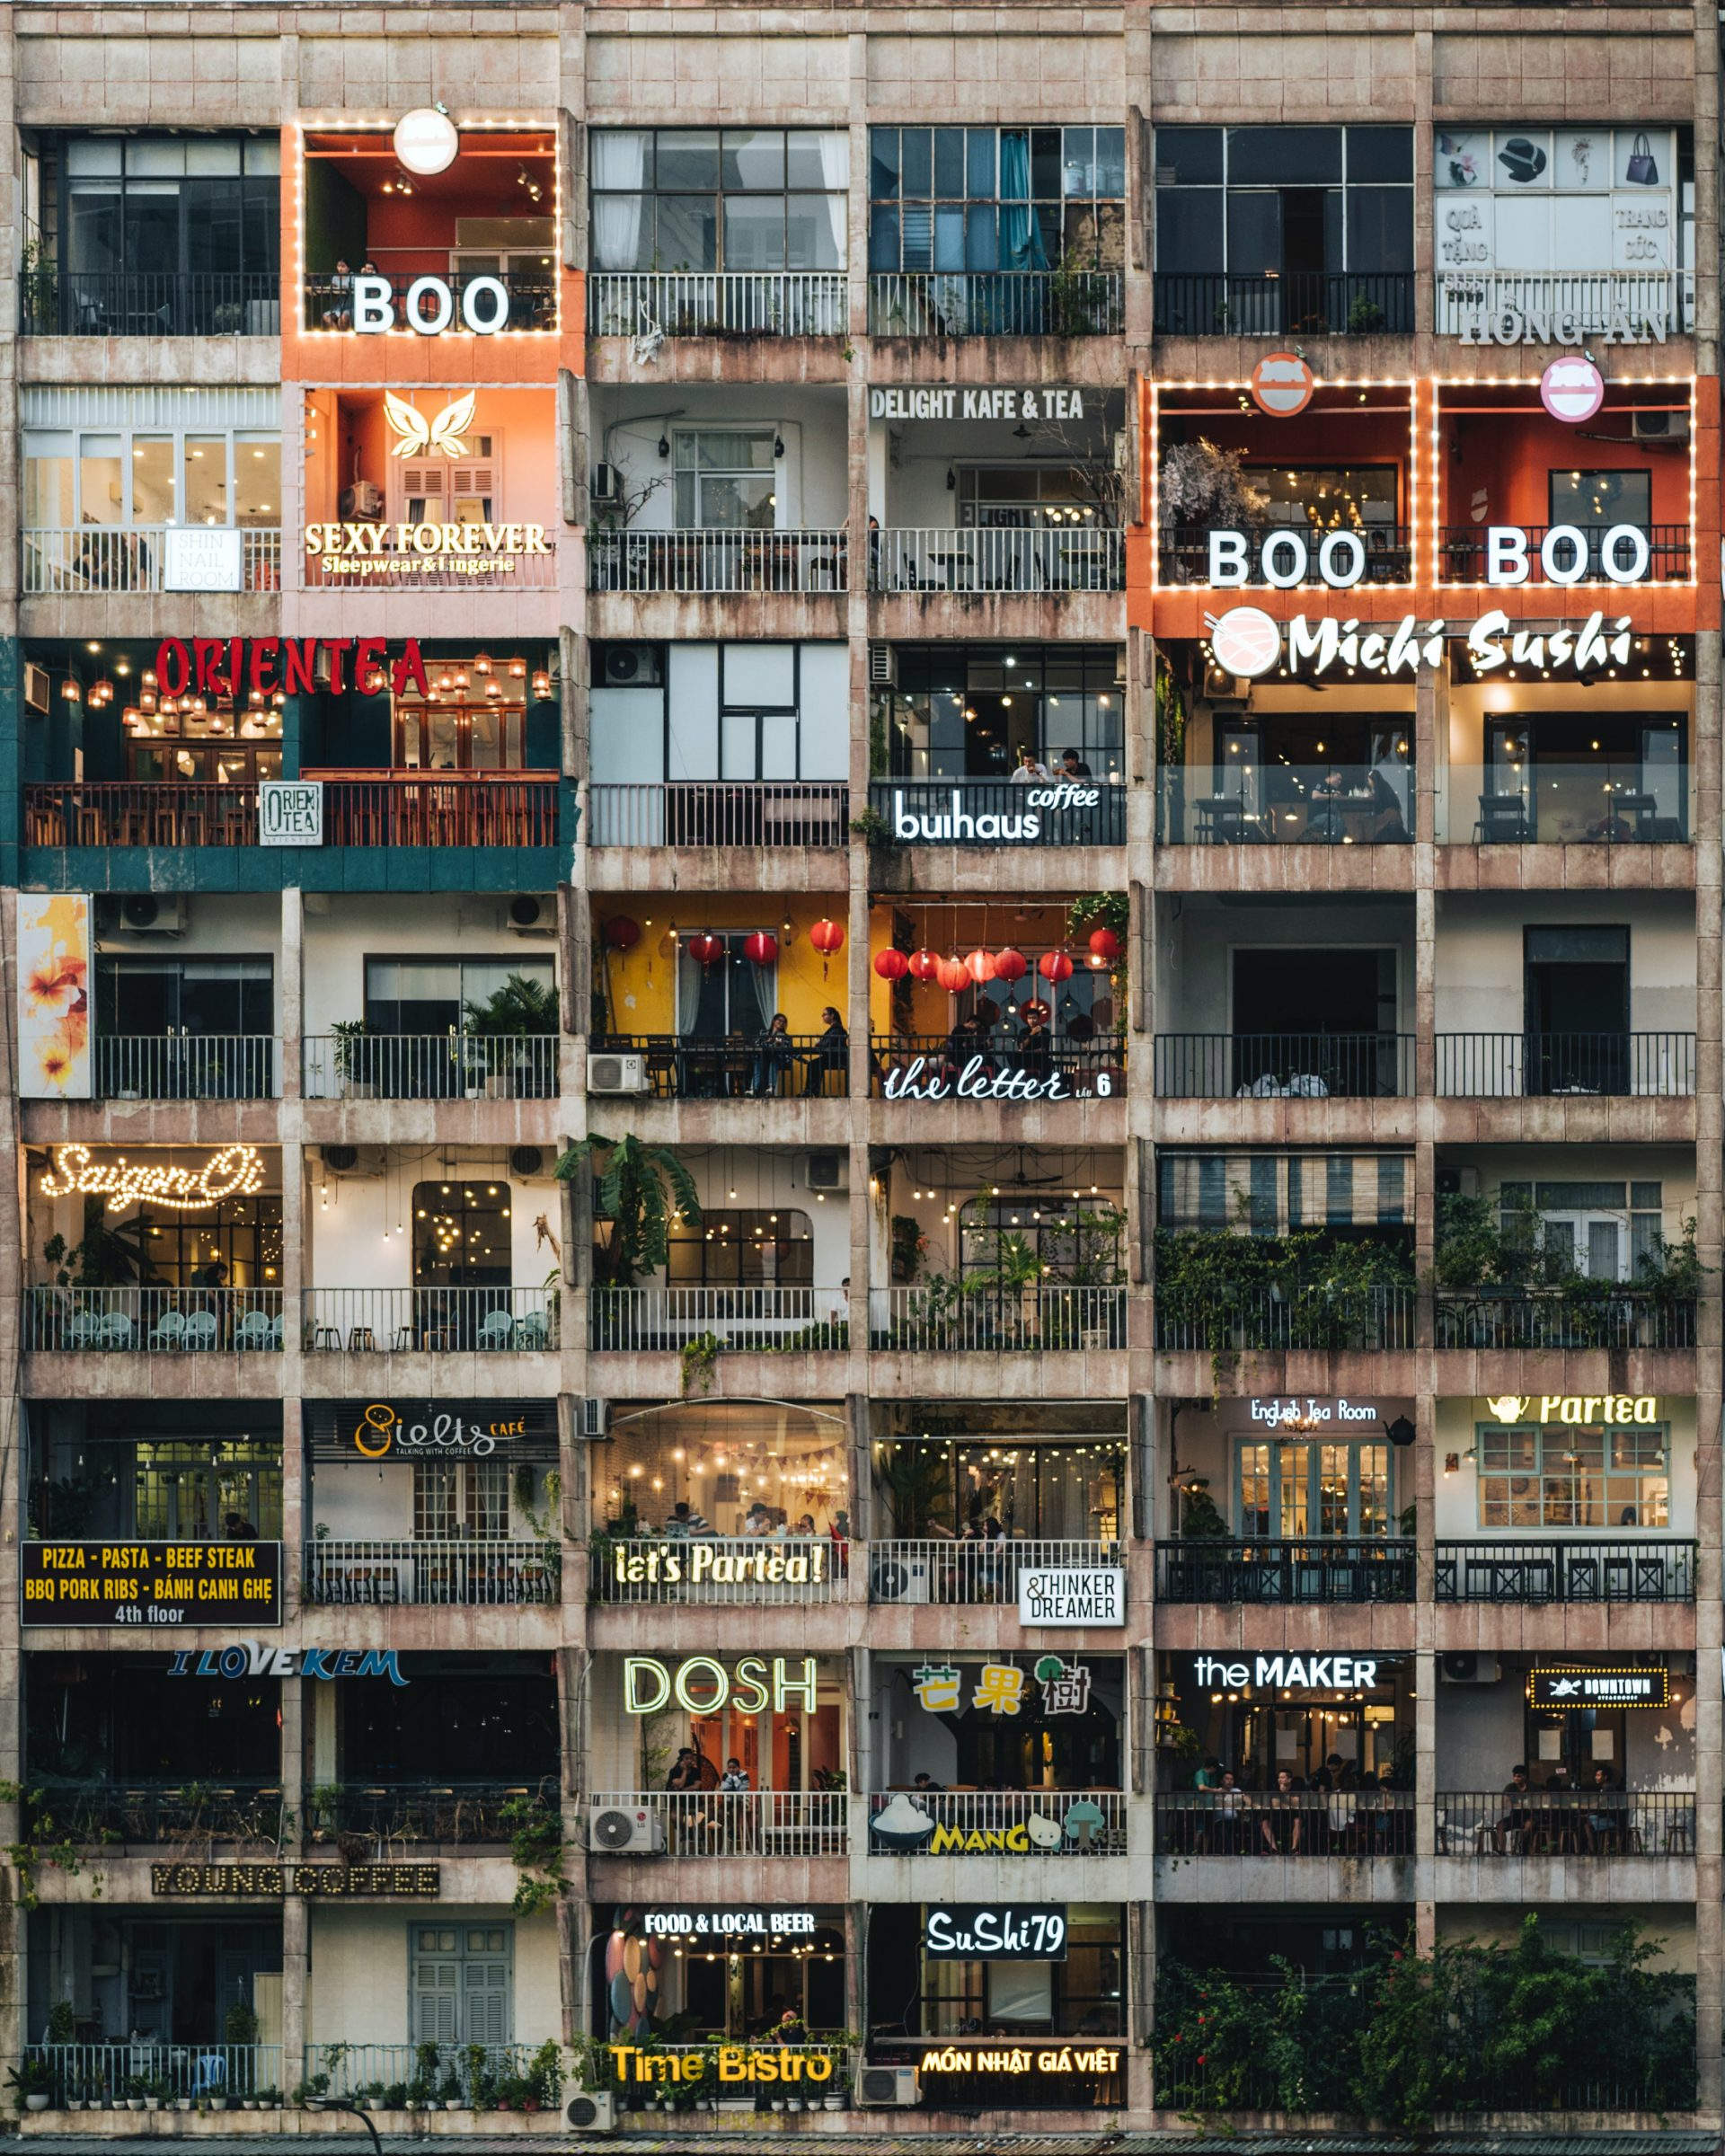 Hi chi Minh city